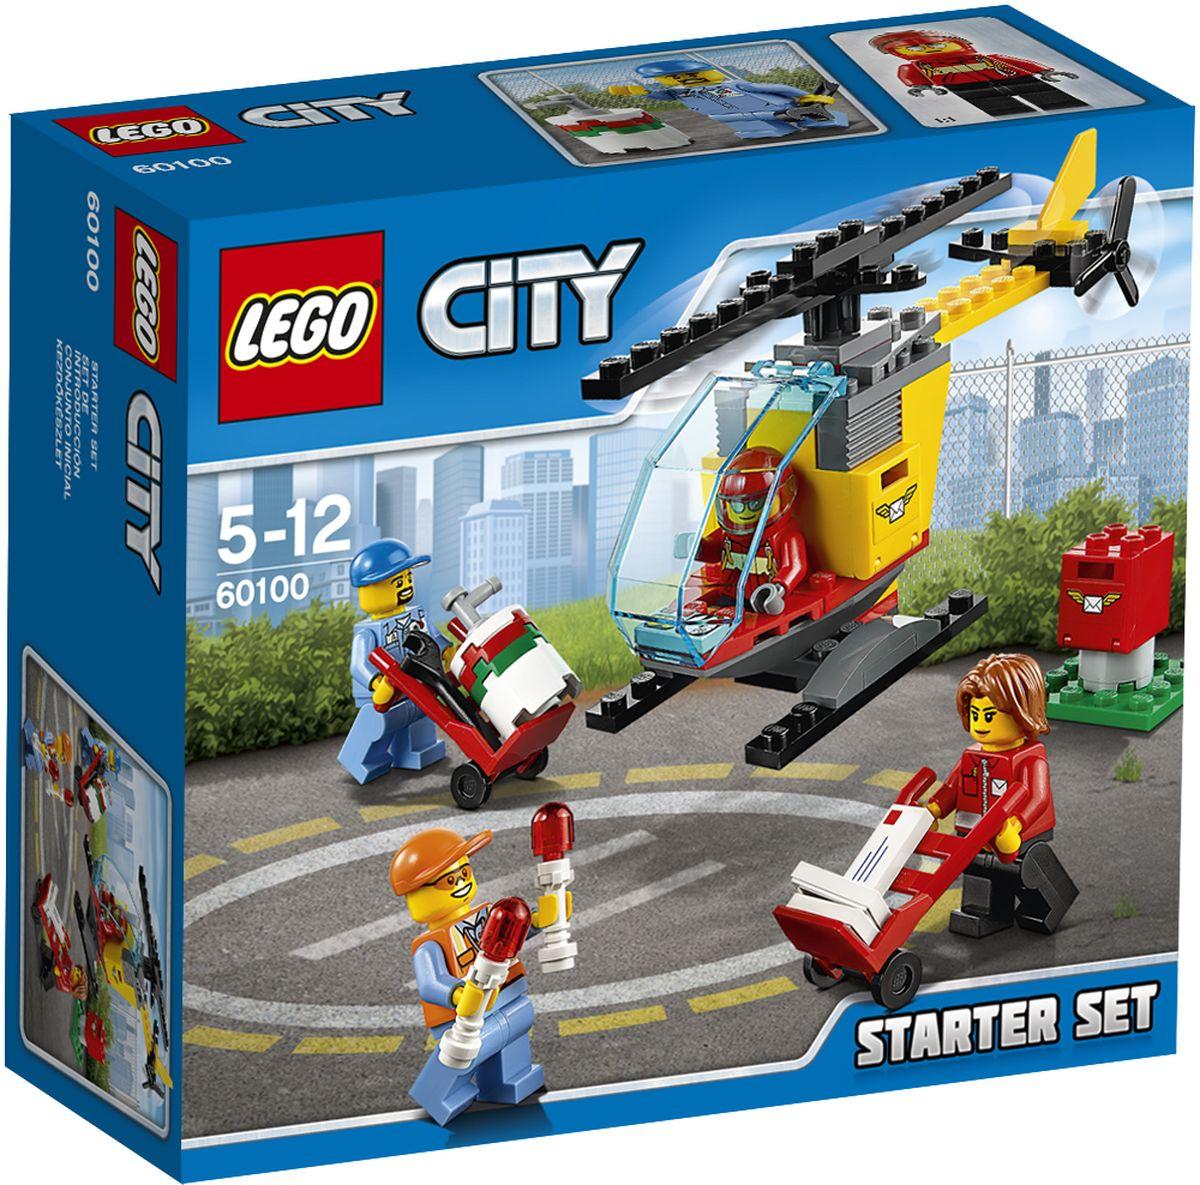 LEGO City Конструктор Аэропорт Стартовый набор 60100 lego city конструктор мобильный командный центр 60139